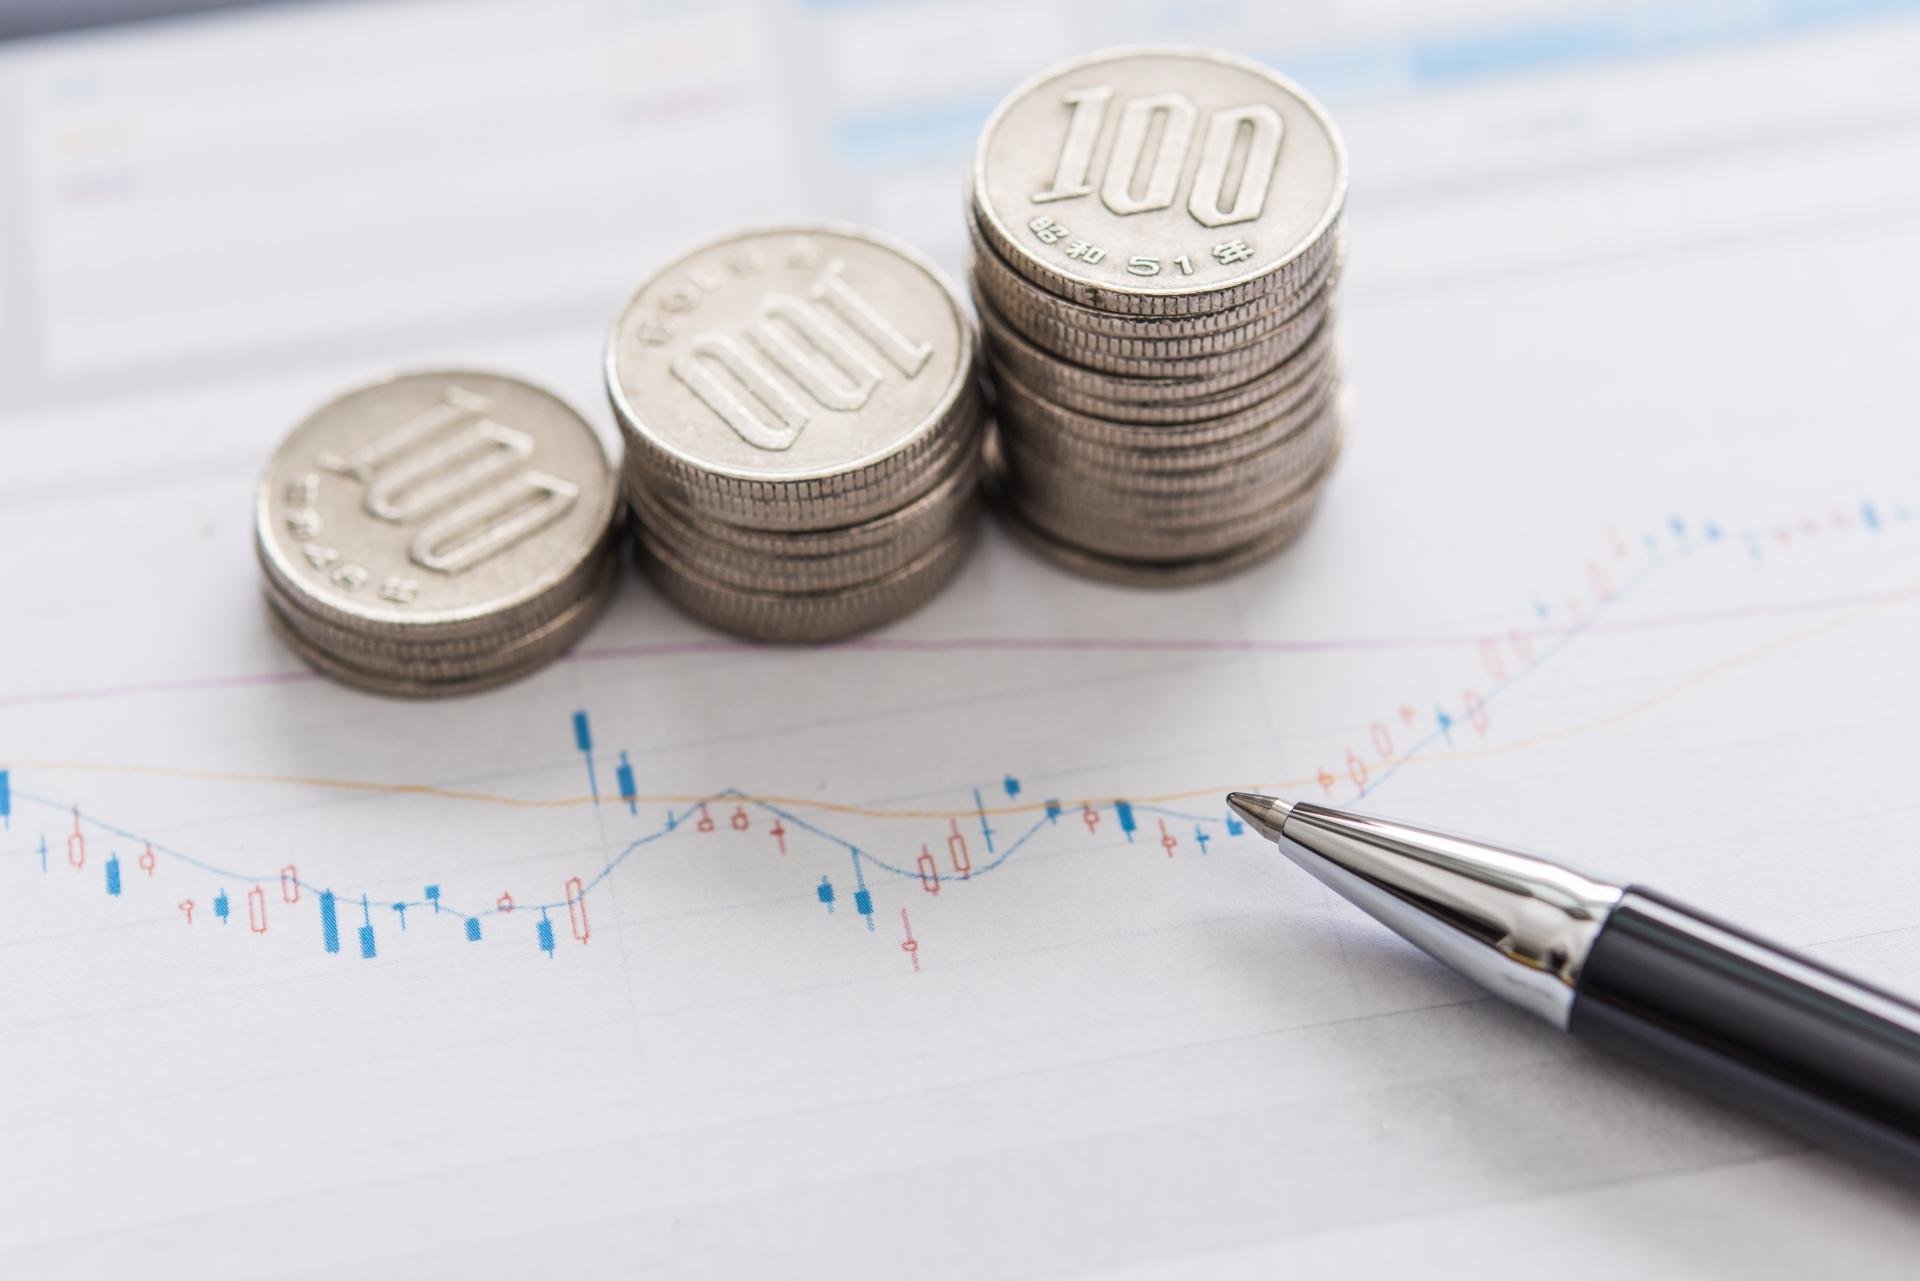 ノーロード投資信託